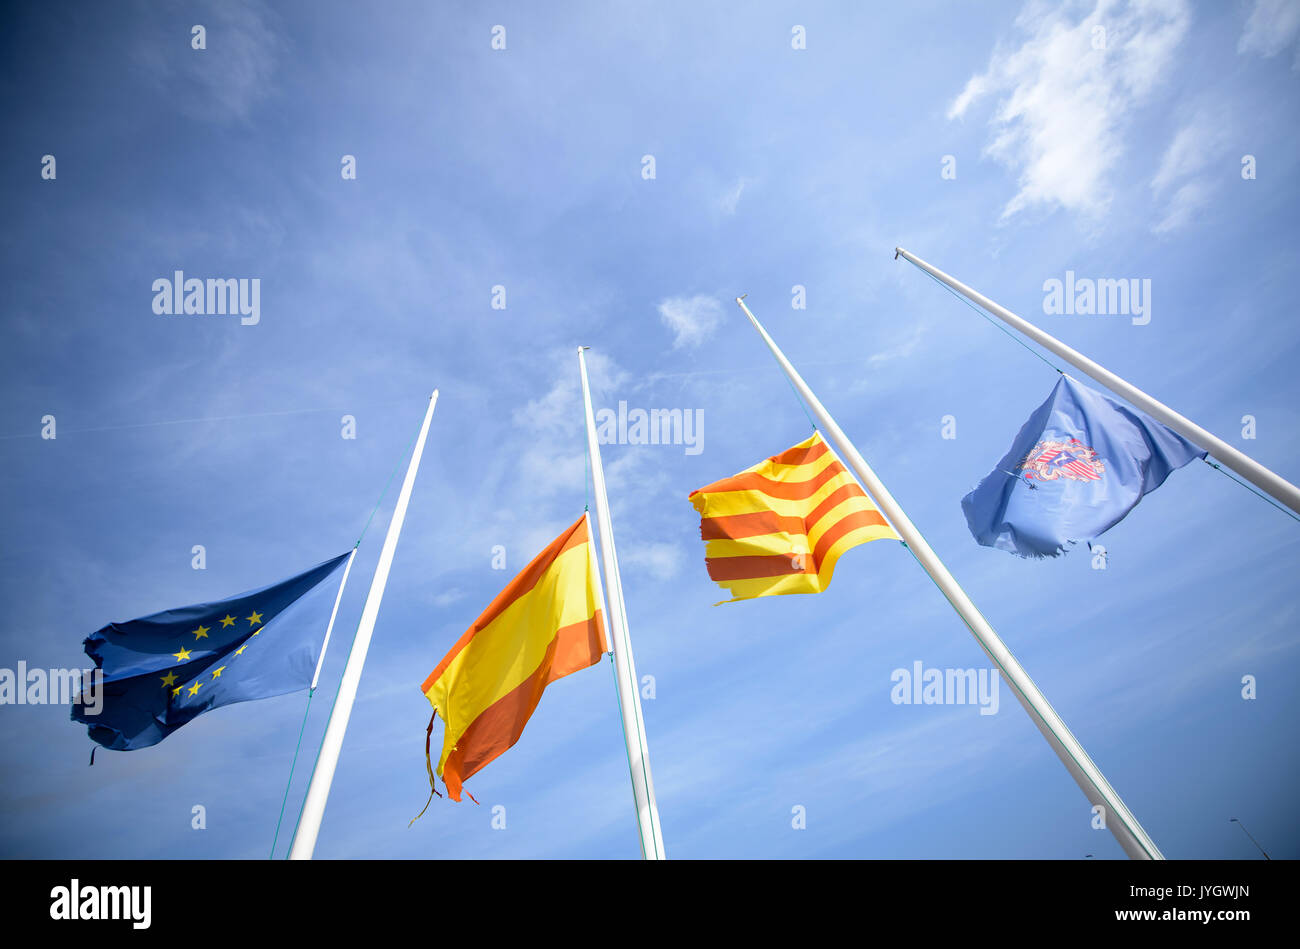 Cambrils, Espagne. Août 19, 2017. Les drapeaux de l'Europe (L-R), l'Espagne, la Catalogne et la municipalité Cambrils sont en berne dans le port de plaisance de Cambrils, Espagne, le 19 août 2017. Dans la station balnéaire à 100 kilomètres au sud-ouest de Barcelone, les task forces tourné cinq terroristes présumés dans la nuit de jeudi à vendredi. Photo: Matthias Balk/dpa/Alamy Live News Banque D'Images